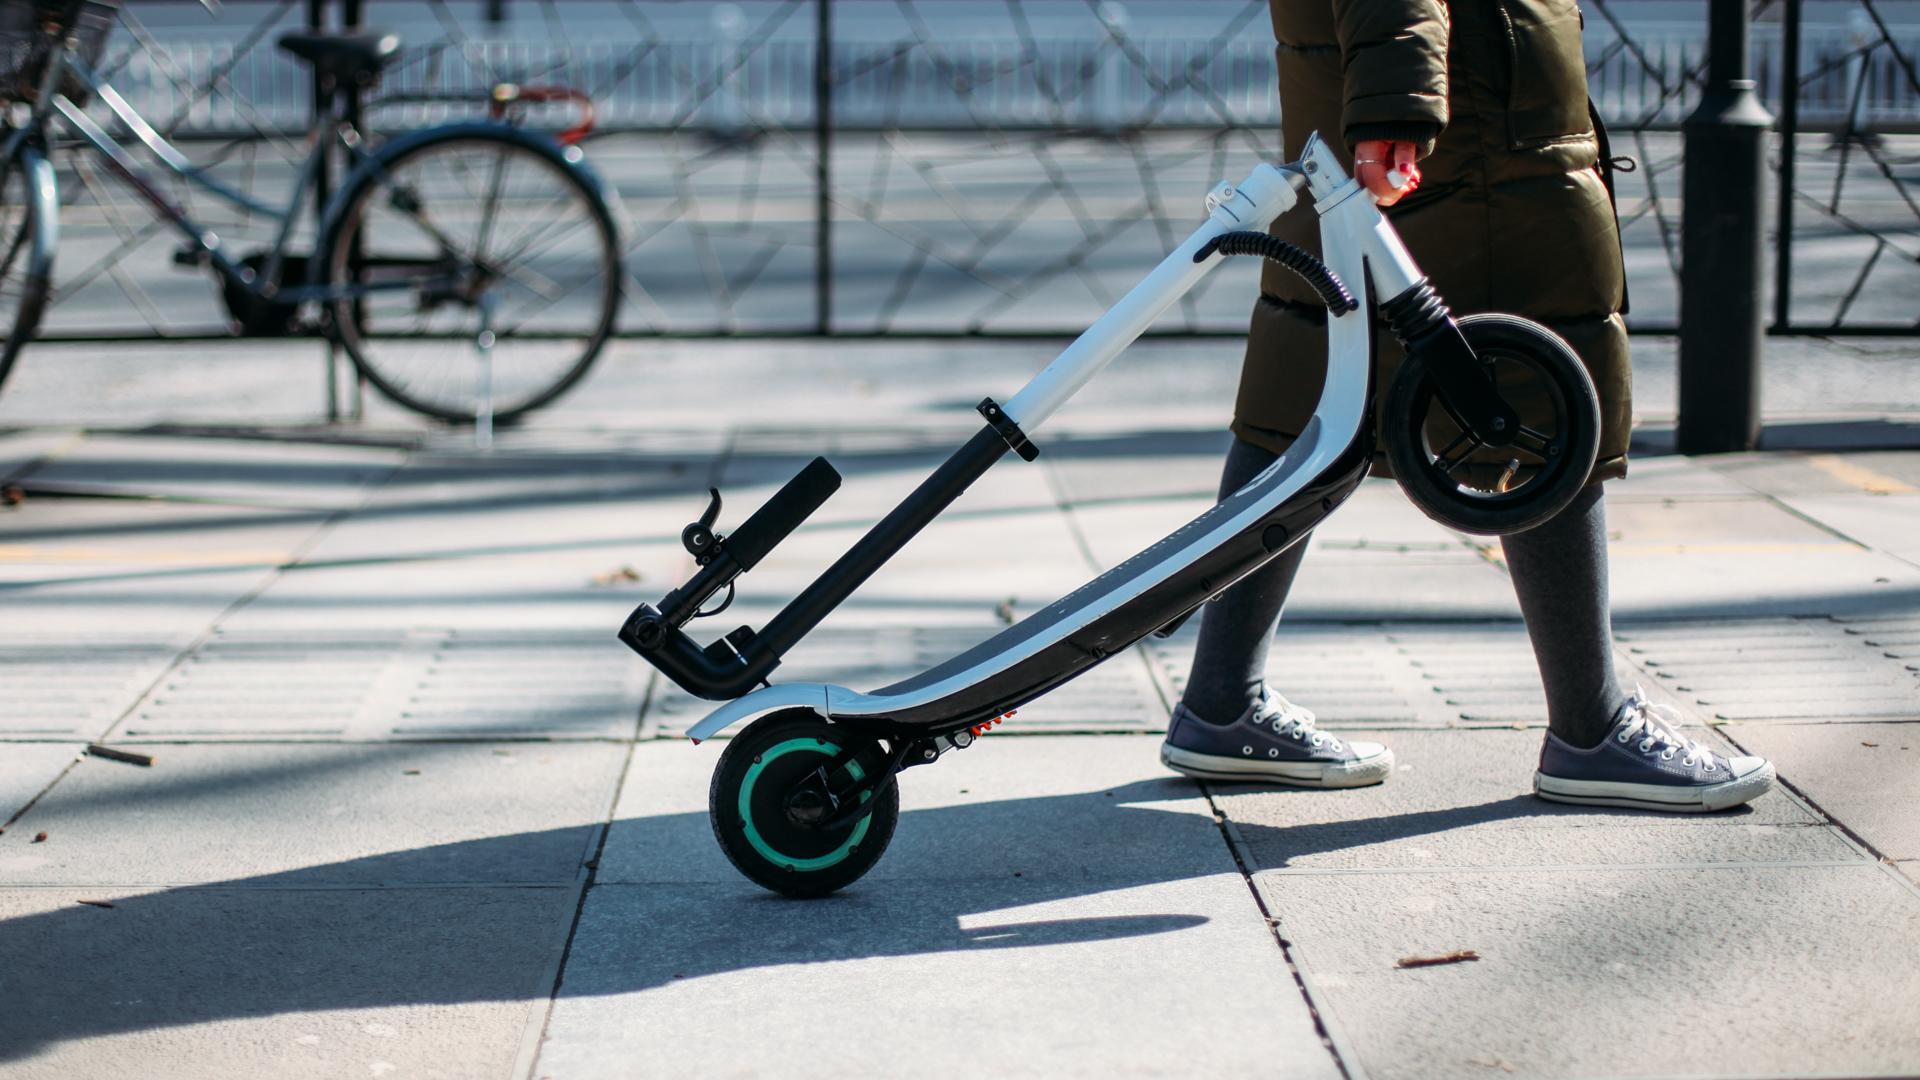 2016年国内所上市的电动滑板车大盘点,哪个你最喜欢?-唯轮网